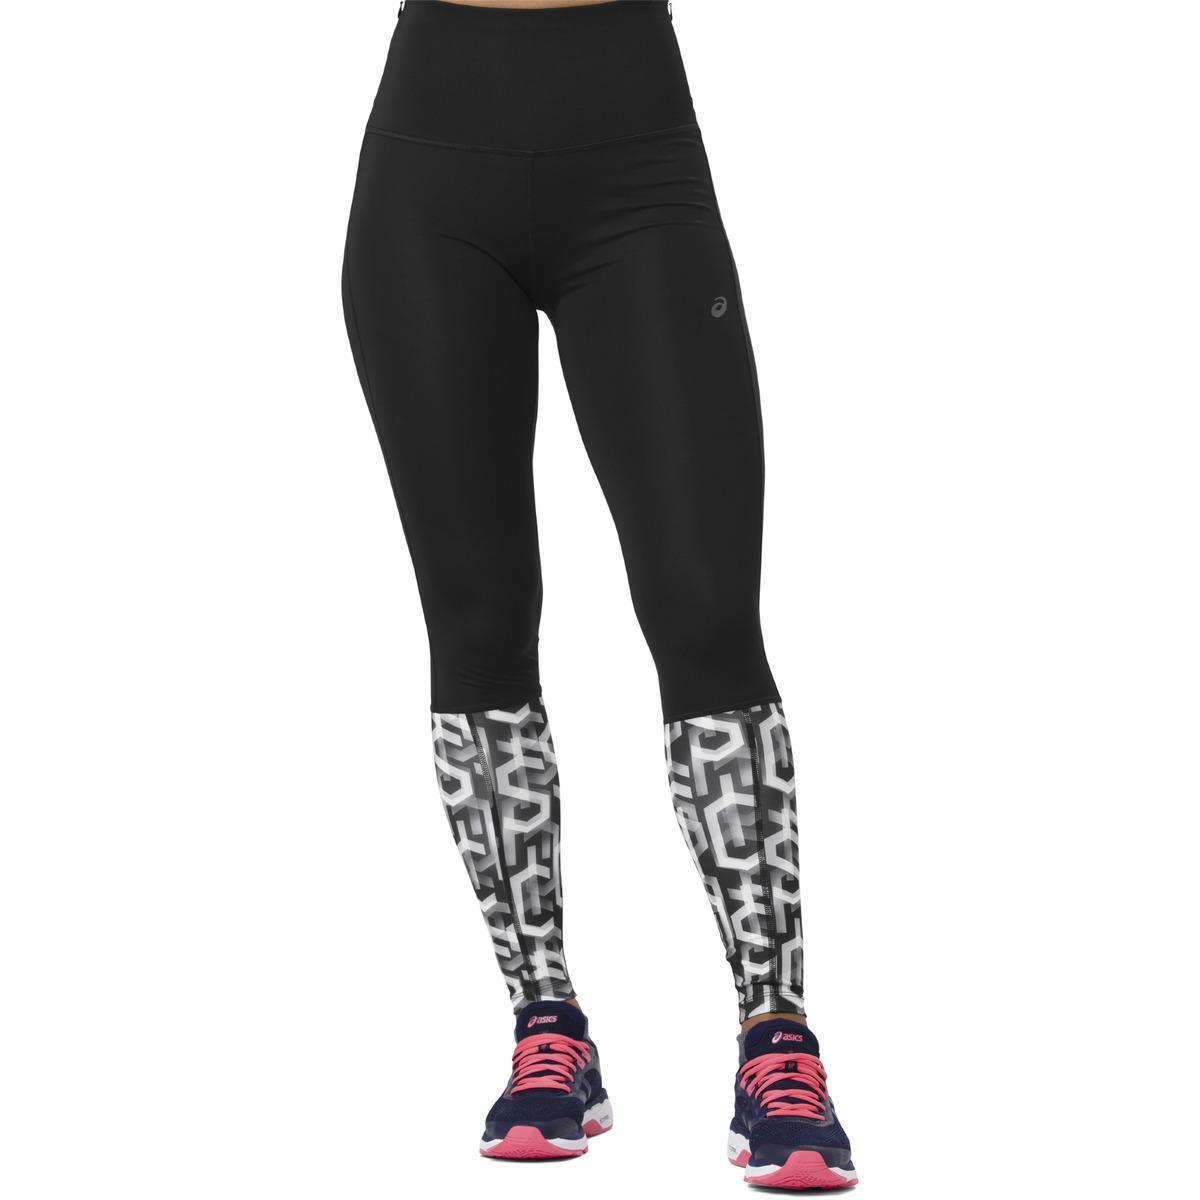 dcc1b5da2e0b5 Lyst - Asics Highwaist leggings in Black